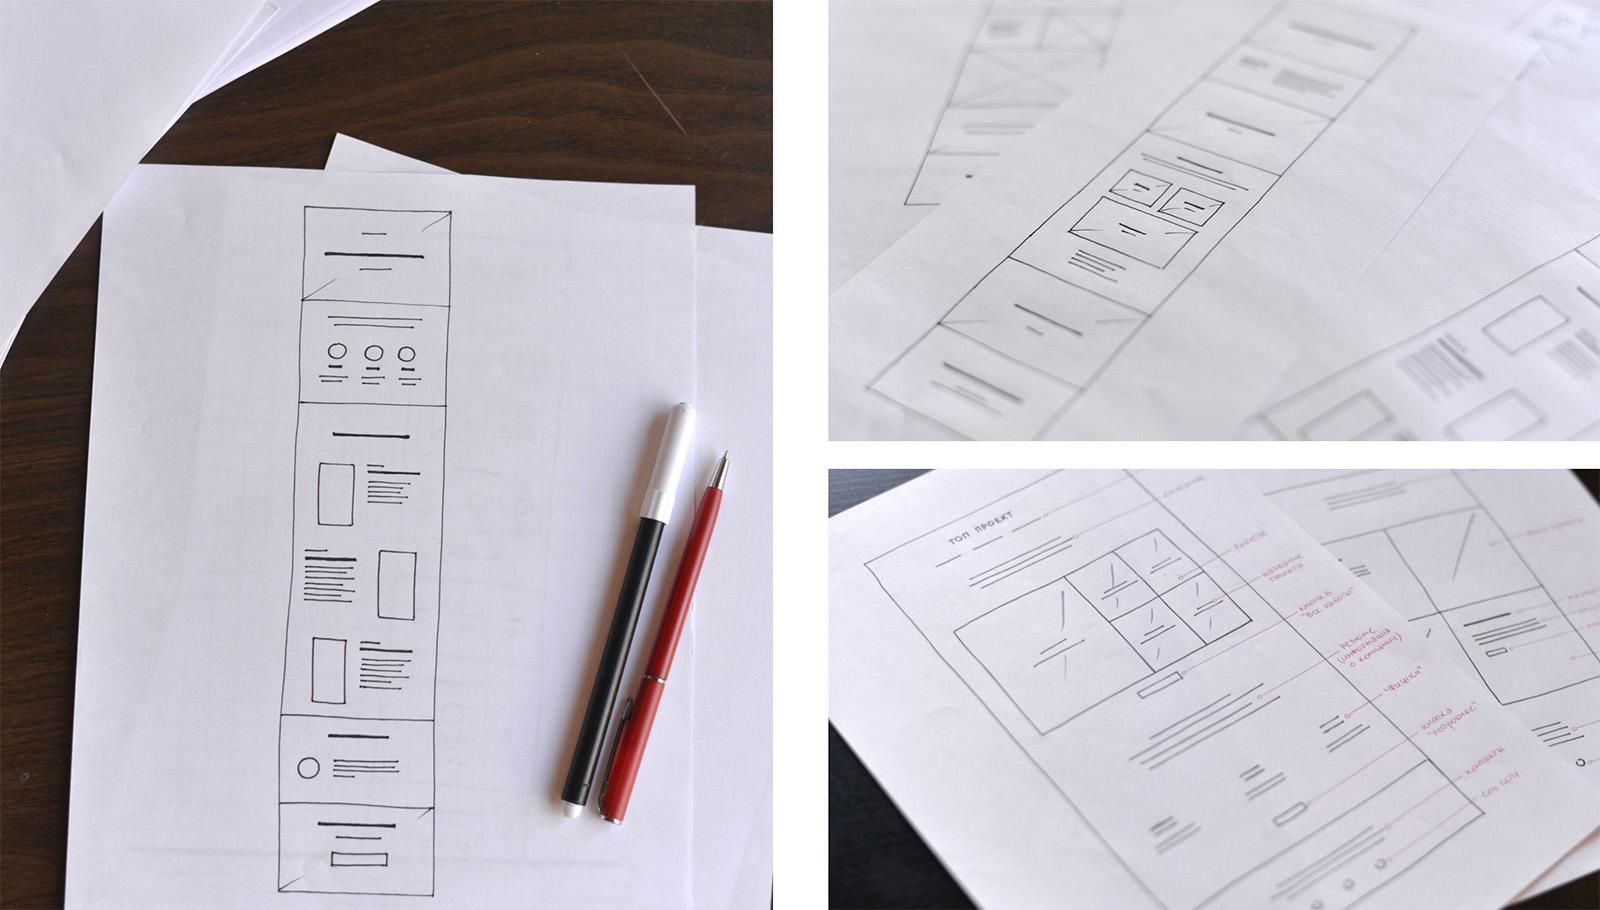 Никита Обухов, Tilda Publishing: прототипирование